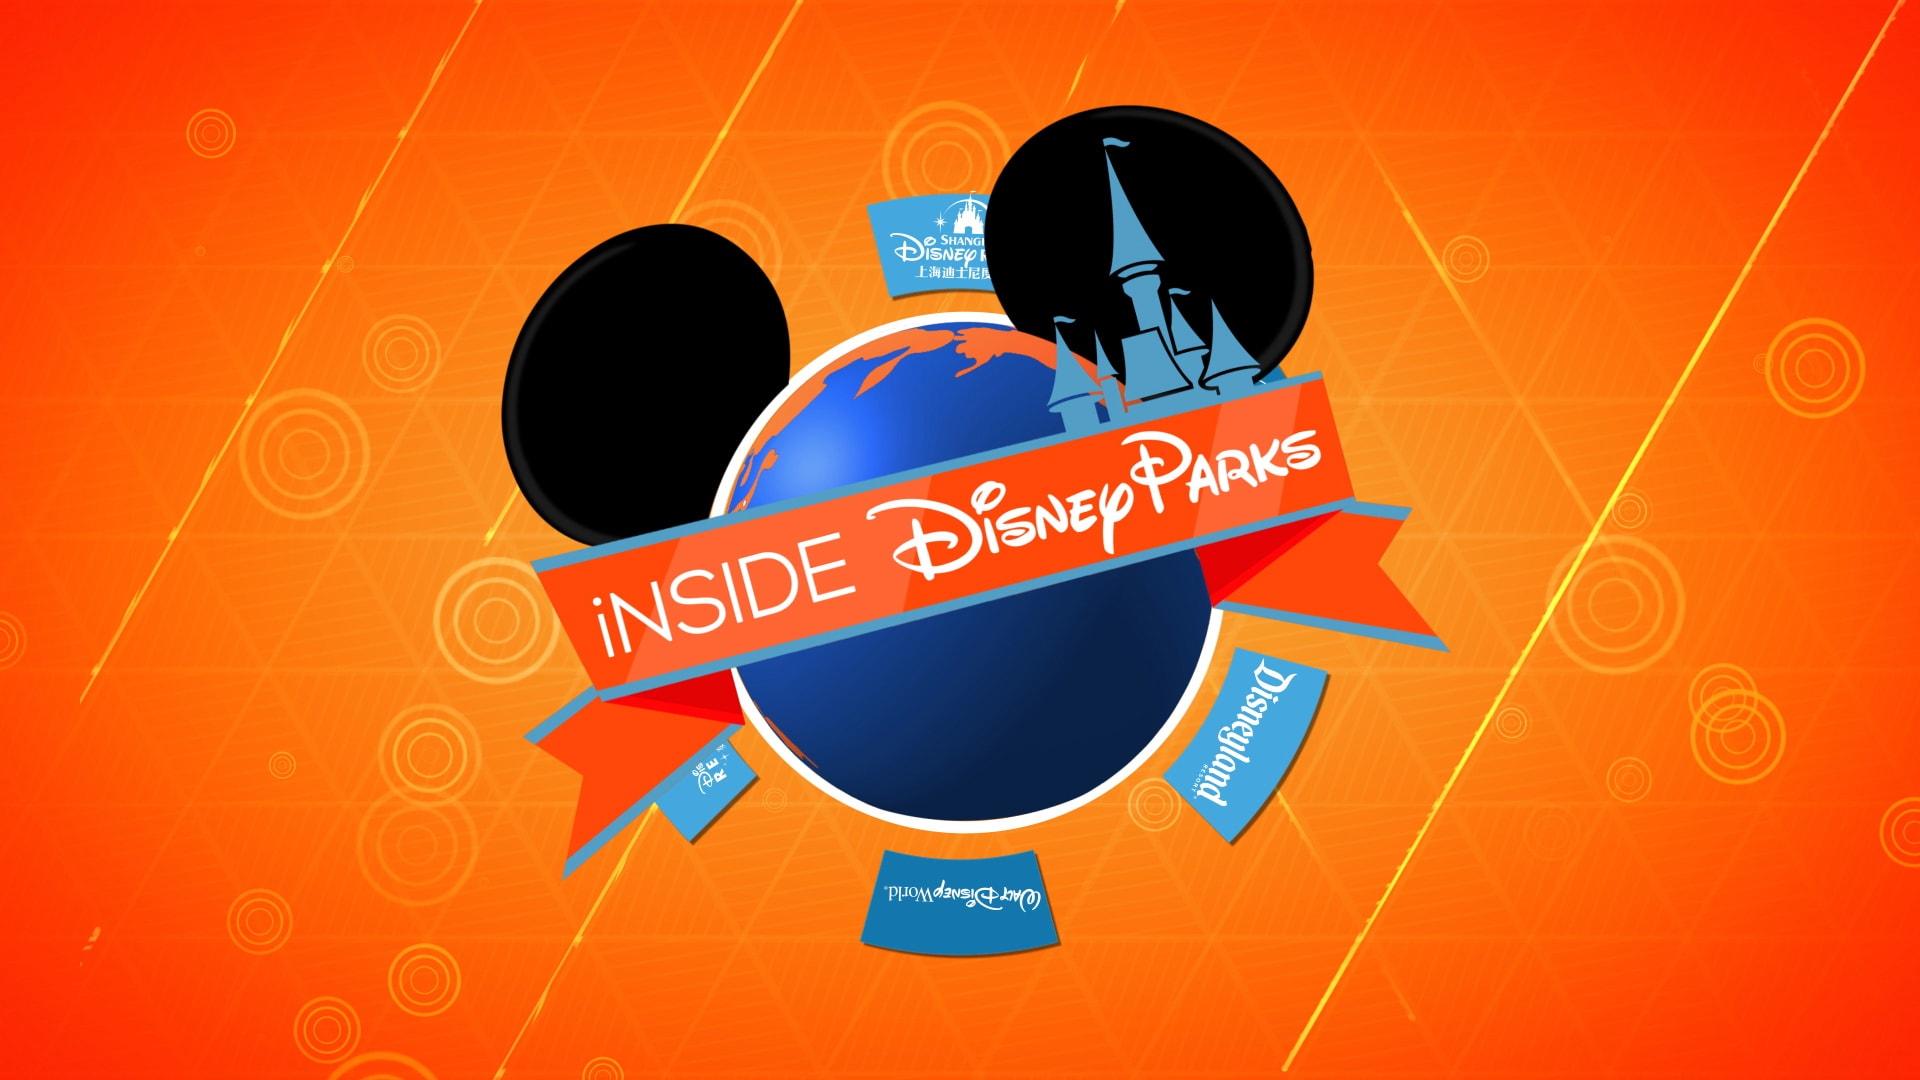 Inside Disney Parks